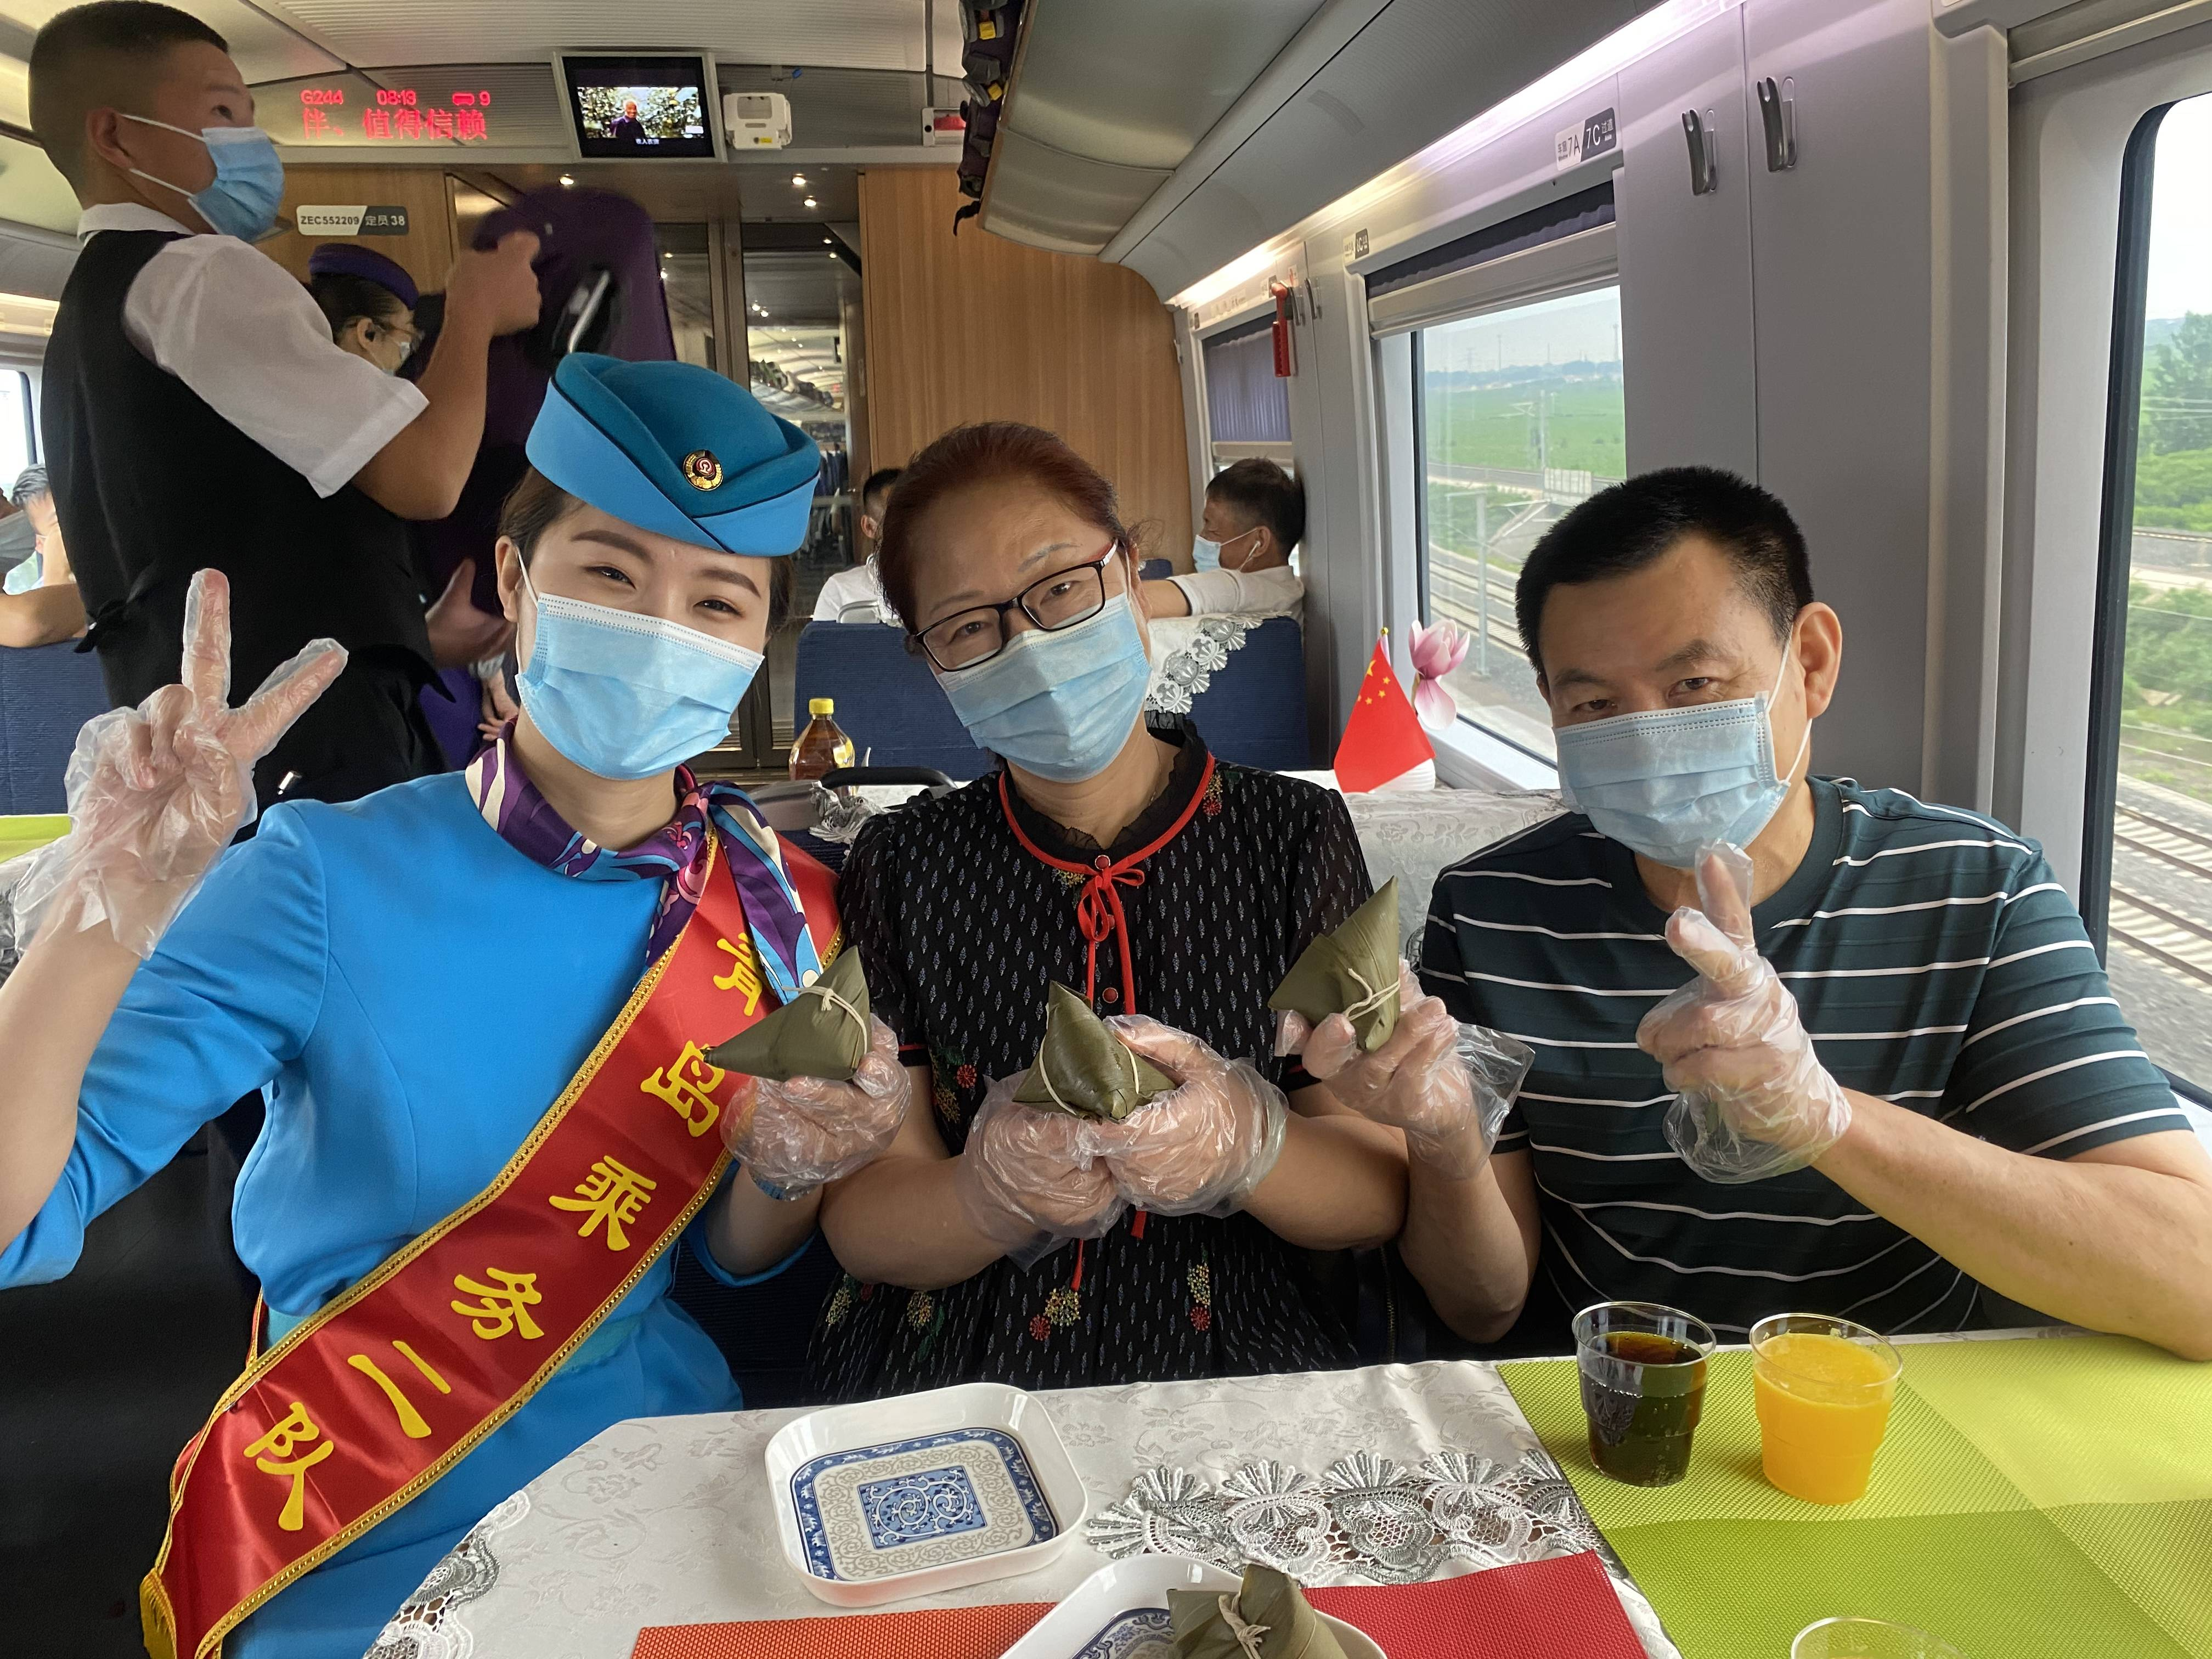 做香囊画龙舟吃粽子 旅客高铁上过端午